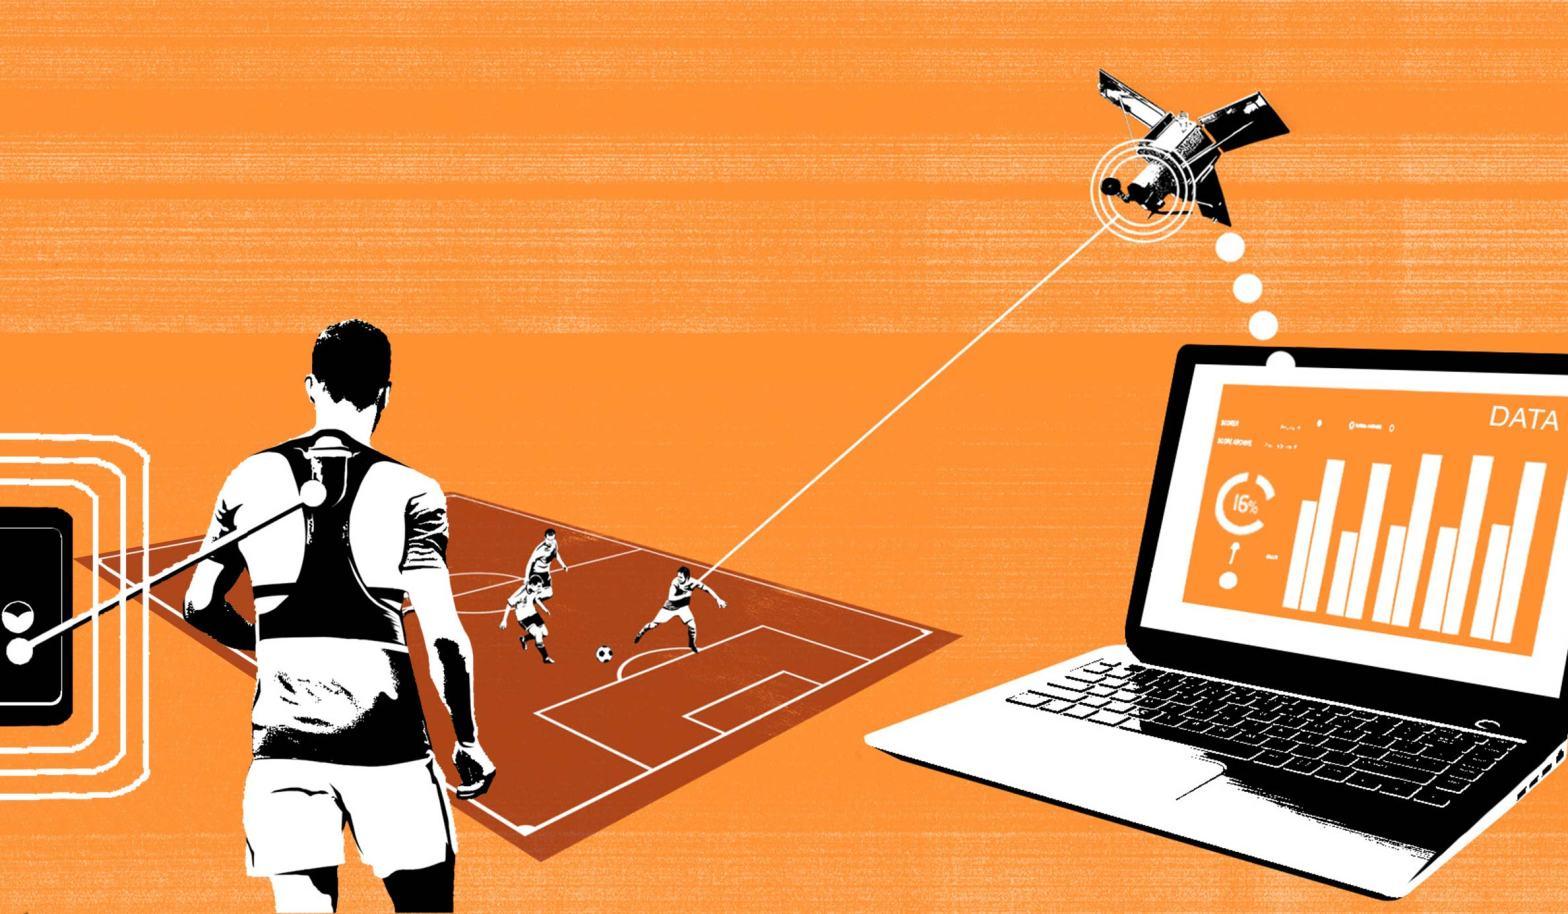 Imagem que mostra como a informação do sensor chega até os softwares de análise, passando pelo satélite.